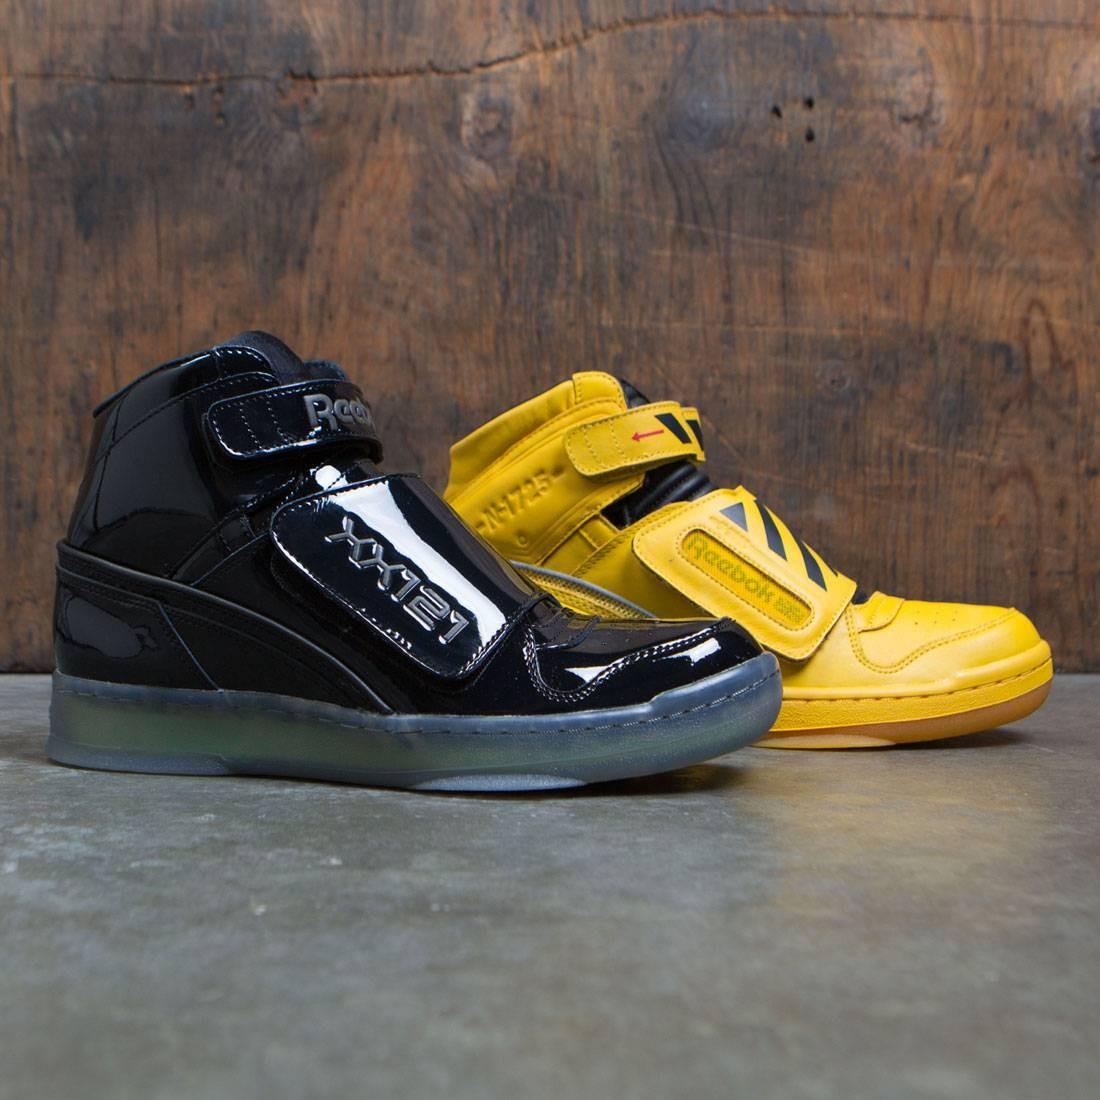 【海外限定】リーボック スタンパー ミッド 黒 ブラック メンズ靴 スニーカー 【 REEBOK BLACK MEN ALIEN STOMPER MID PL FINAL BATTLE PACK YELLOW RETRO GUM 】